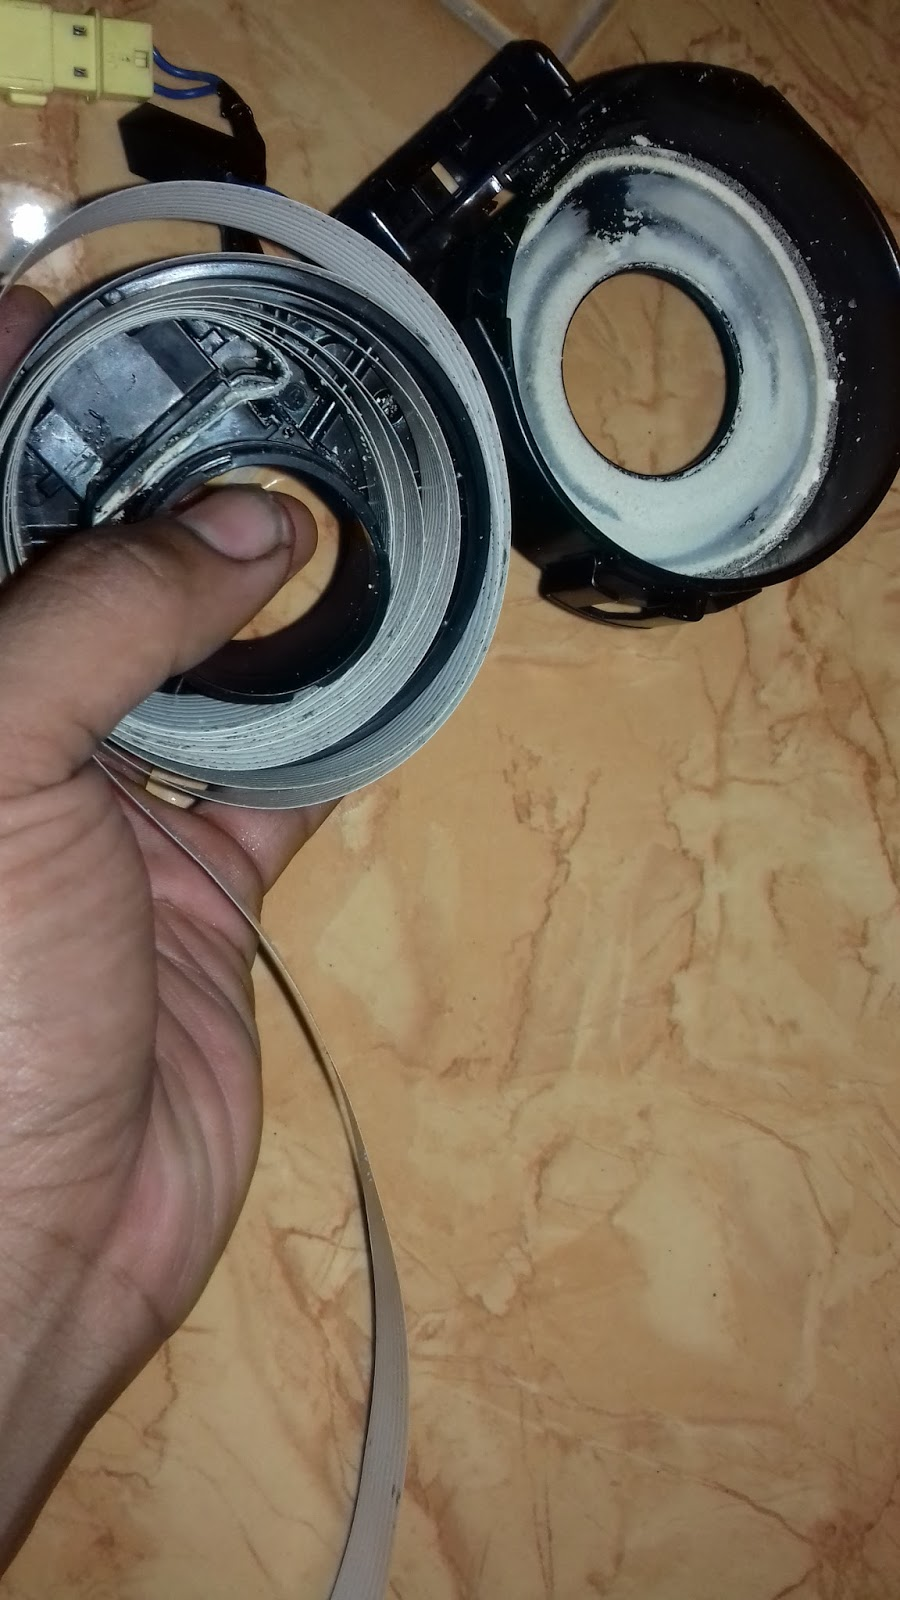 medium resolution of  nyala dan bel horn tidak akan berfungsi hal itu disebabkan reel cable putus ini penampakannya dan panjang kabel tersebut kurang lebih 1 5meter